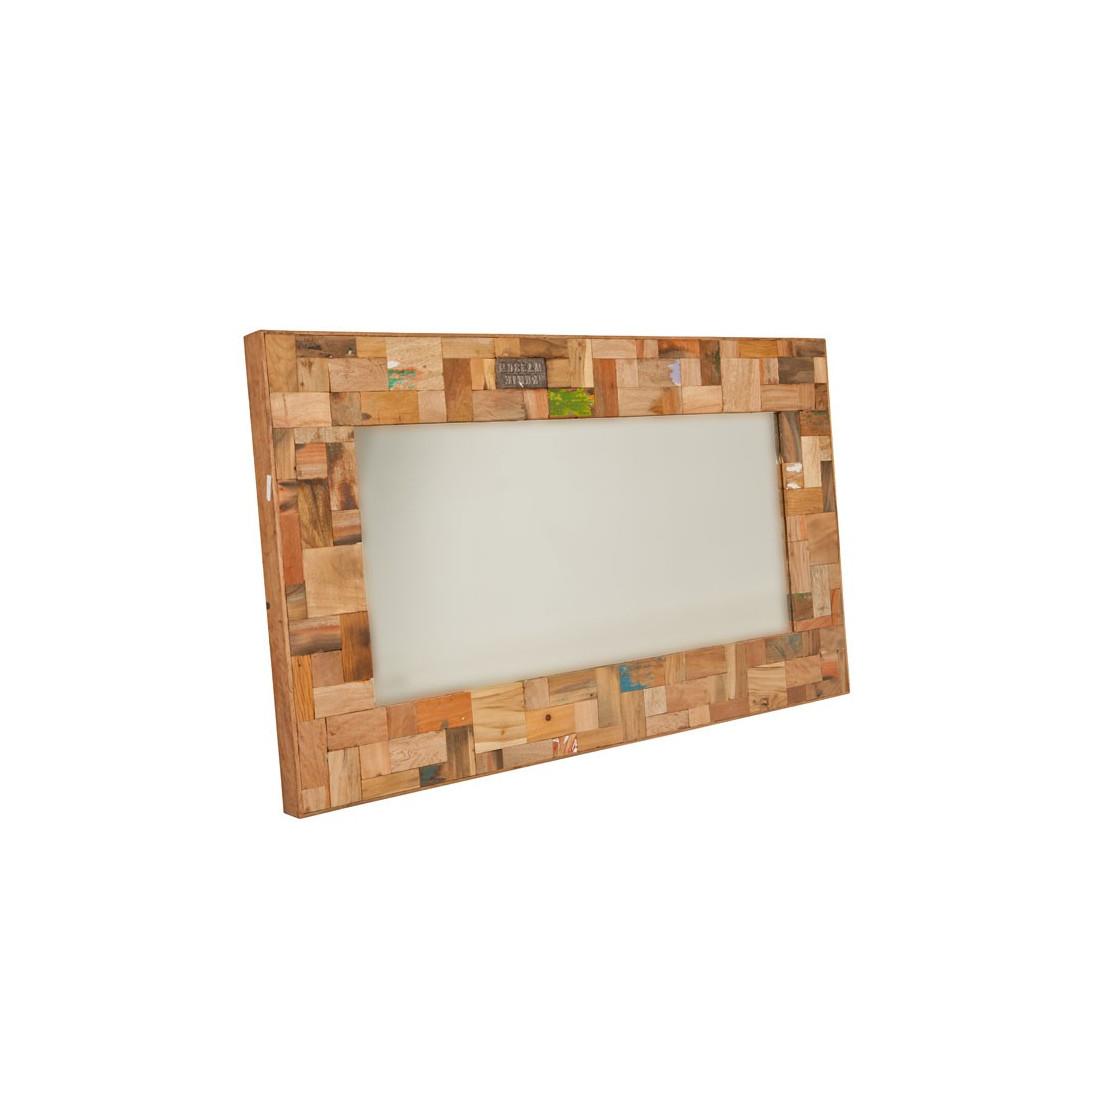 Miroir 120 cm industry univers d coration tousmesmeubles for Miroir 120 cm